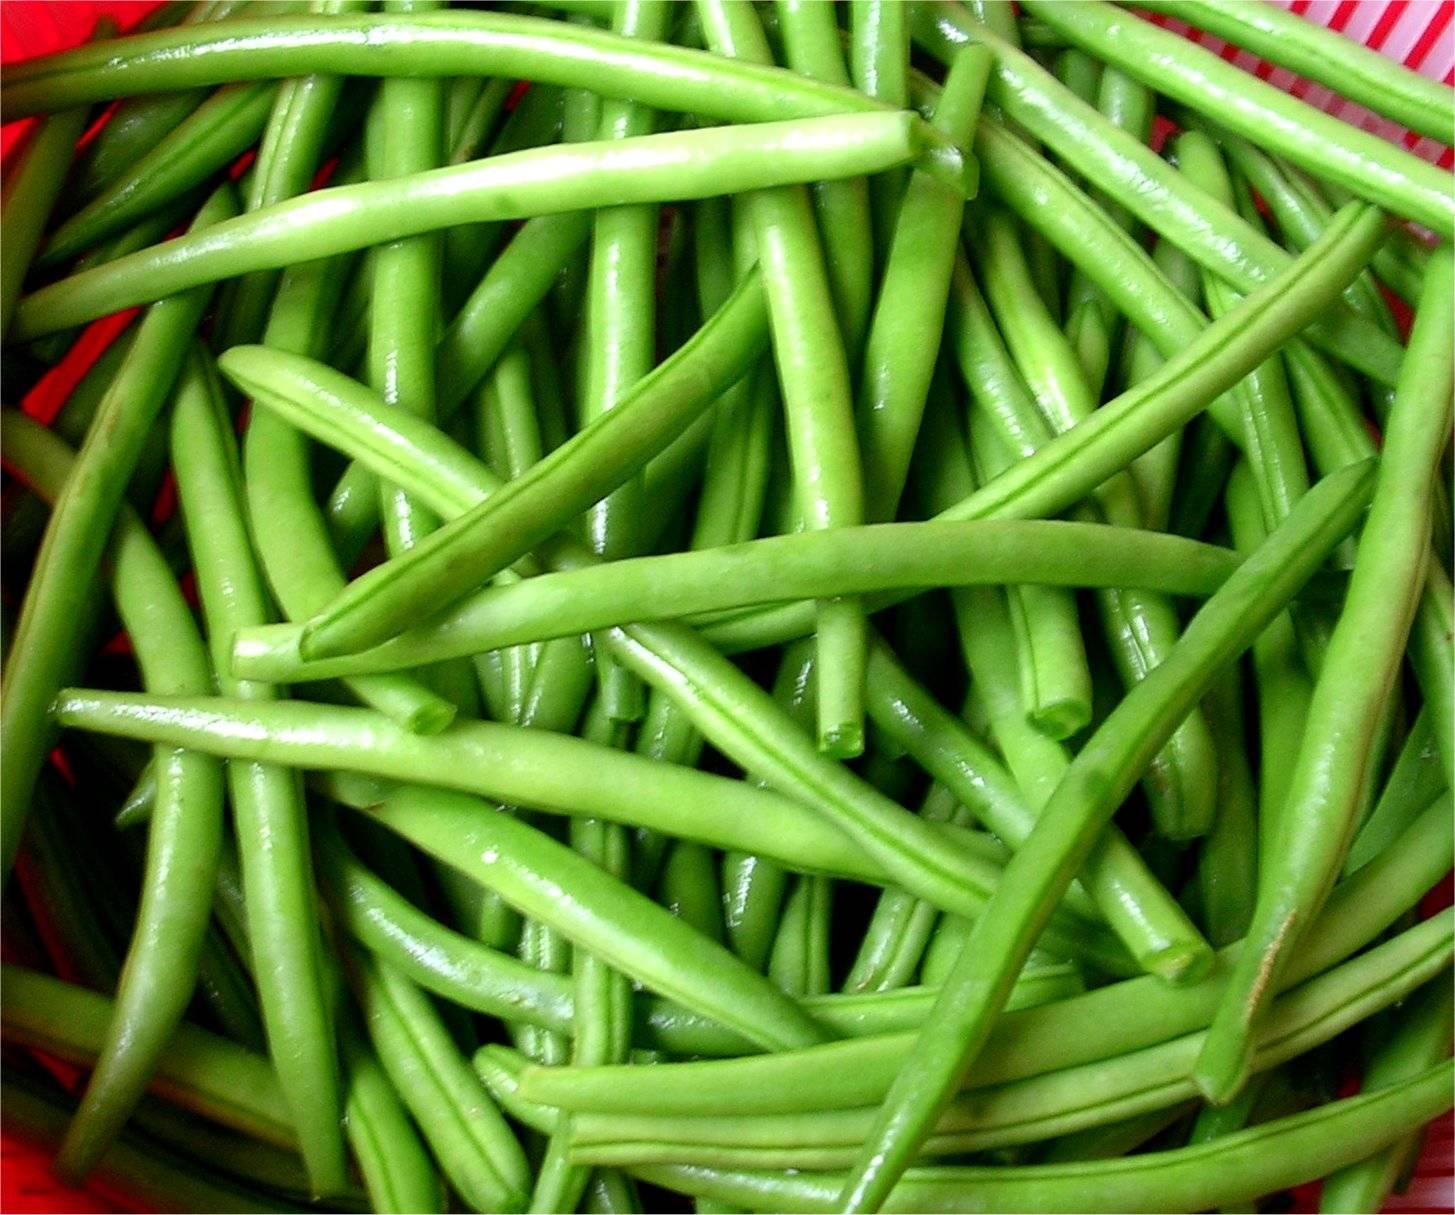 Green Bean Facts